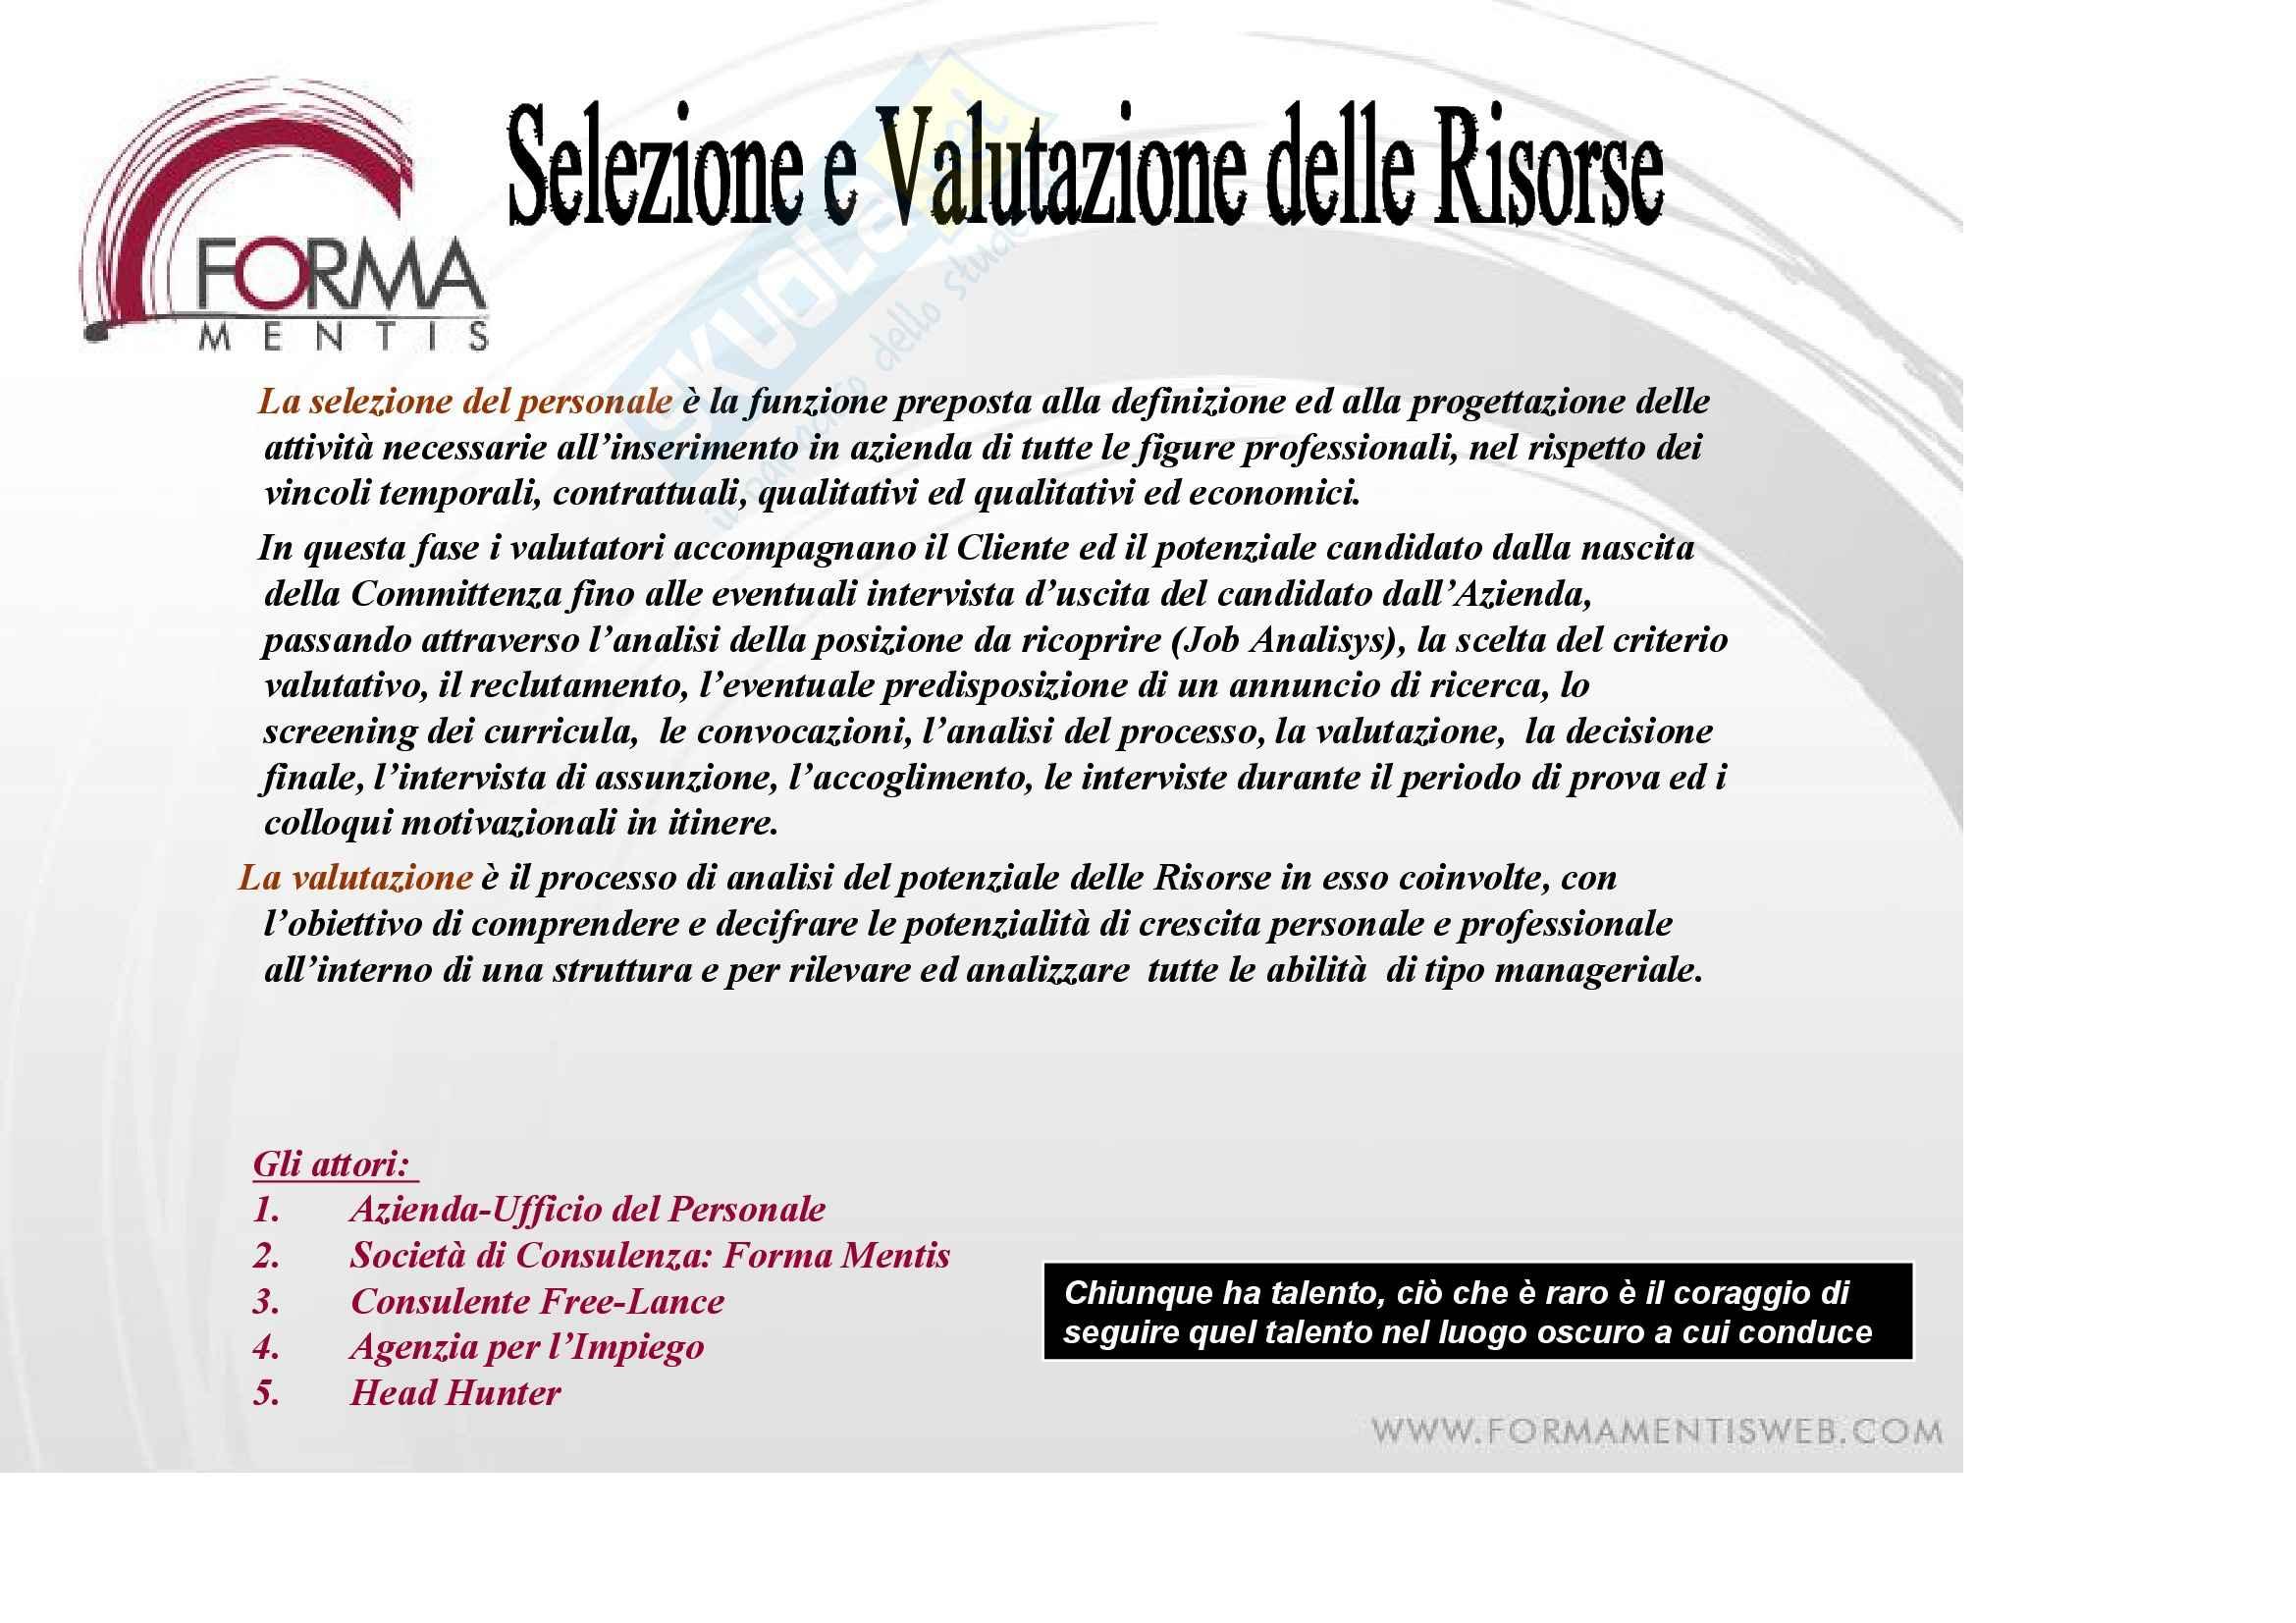 Politiche della formazione e delle risorse umane - la selezione del personale Pag. 2